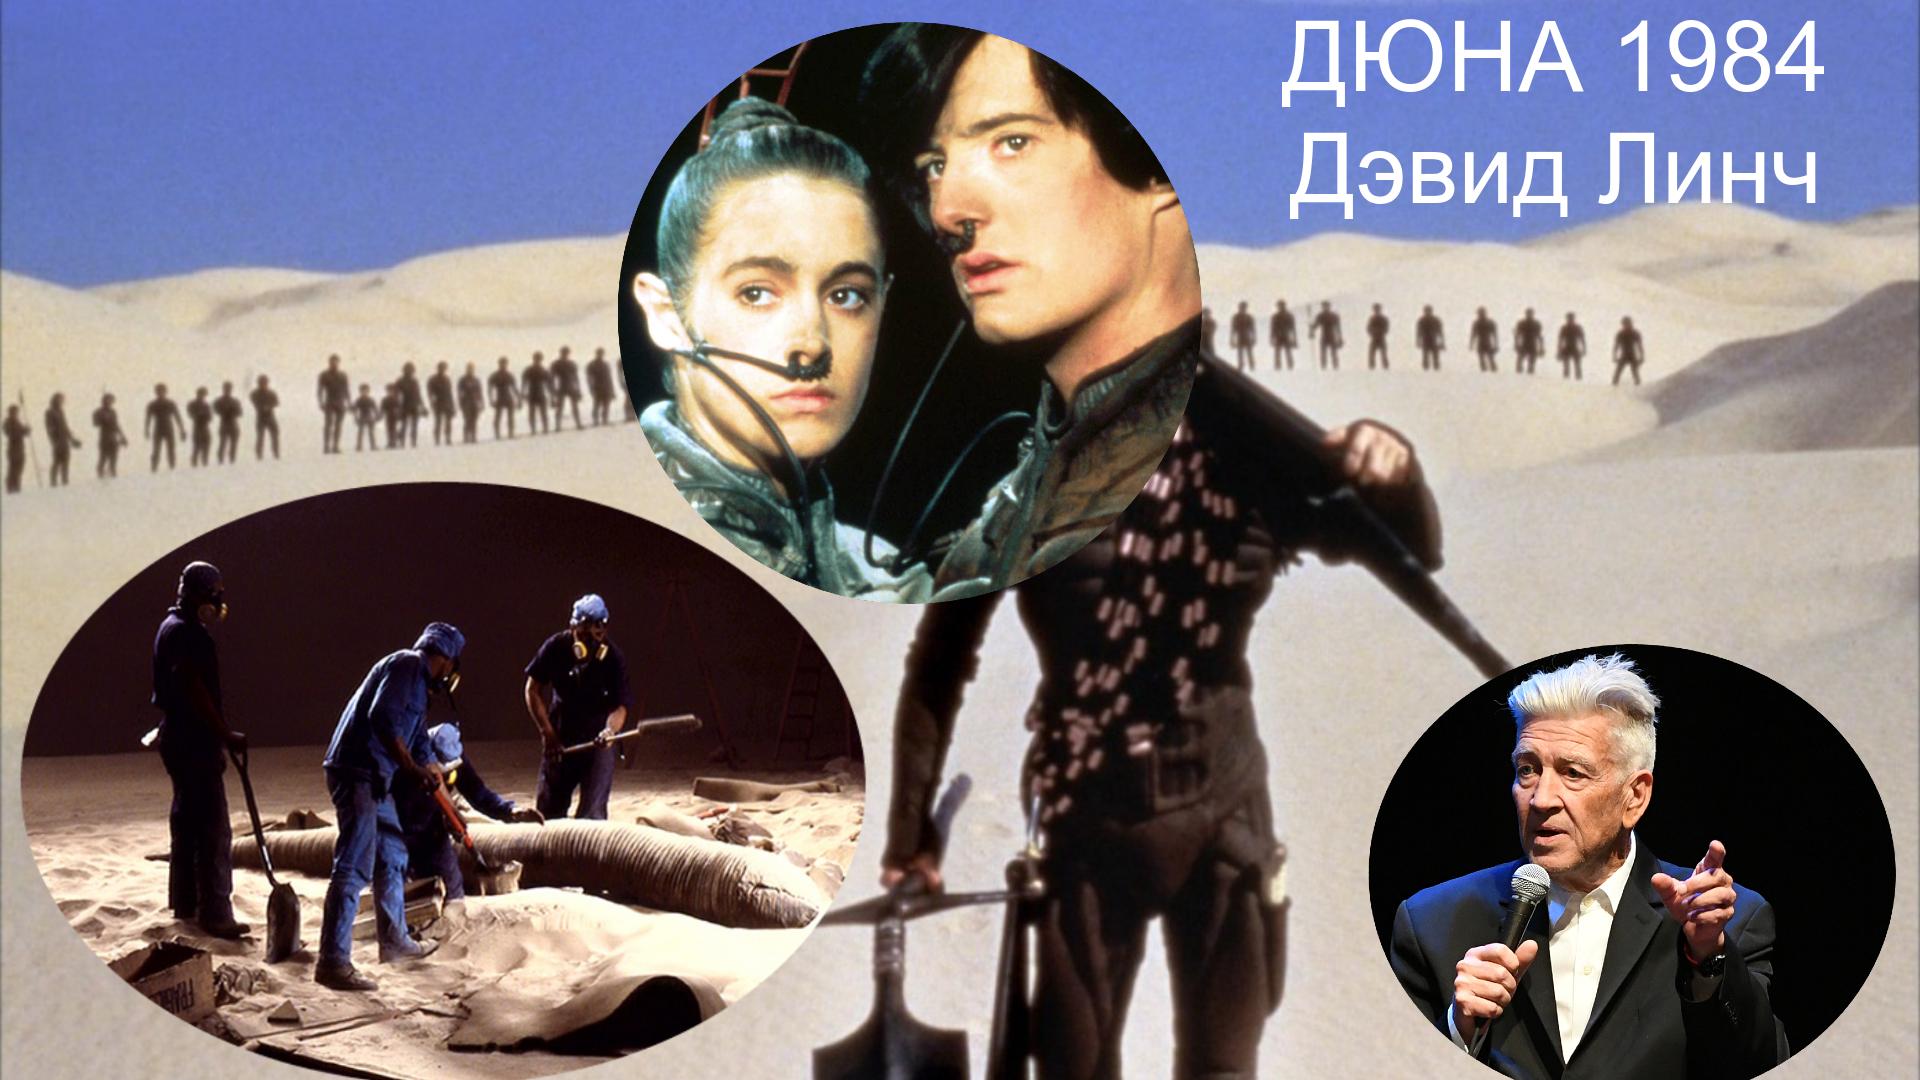 """""""Дюна"""" 1984, кадр со съёмок, Дэвид Линч (справа)"""